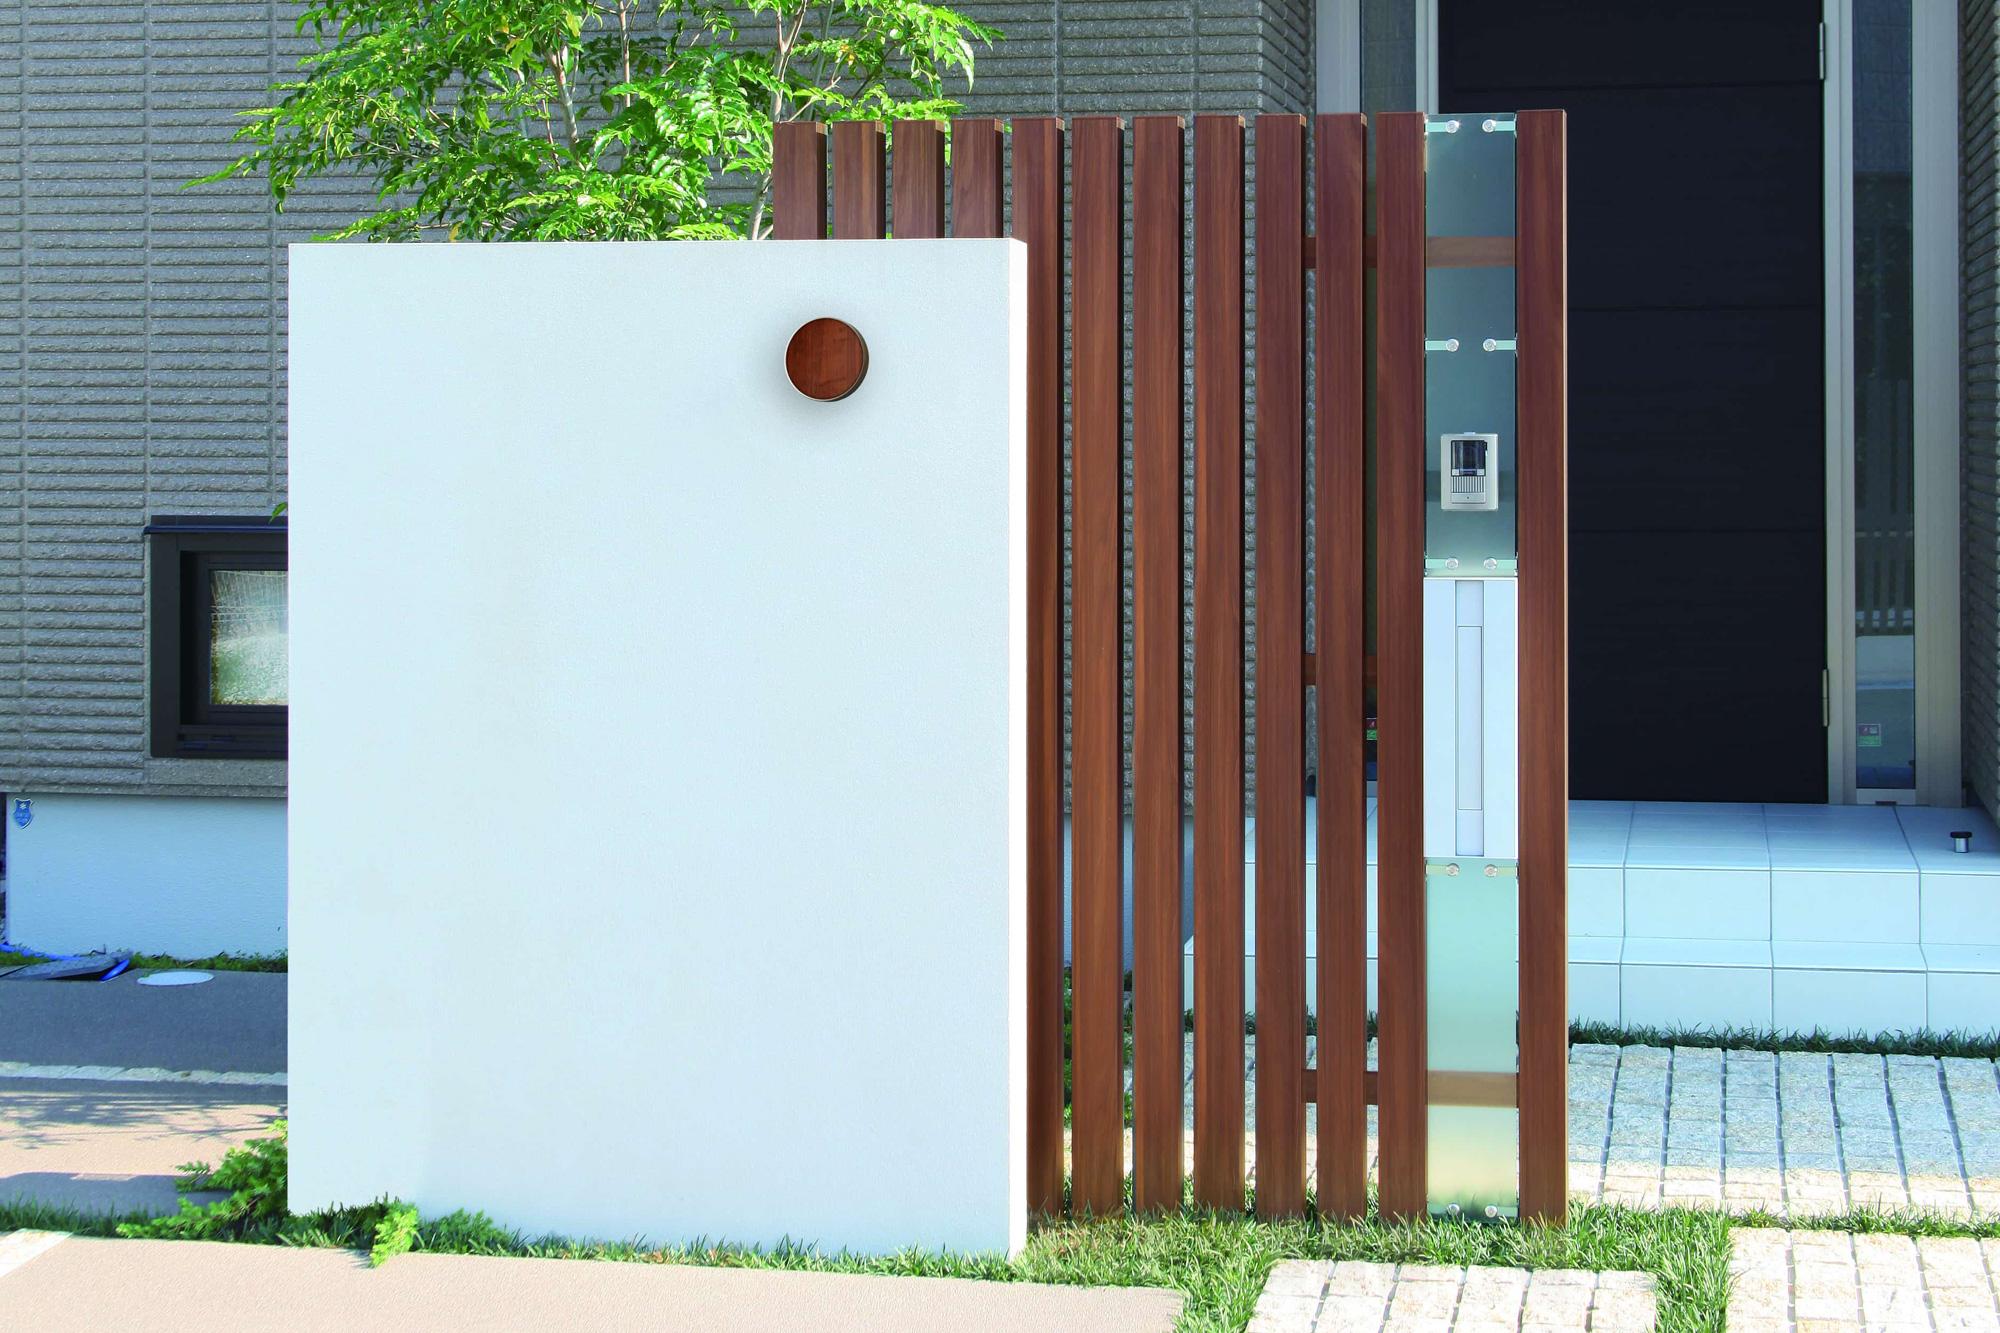 門袖にエバーアートウォールライトで周辺の建材の色と合わせた色でアクセントを加えるコーディネートの例